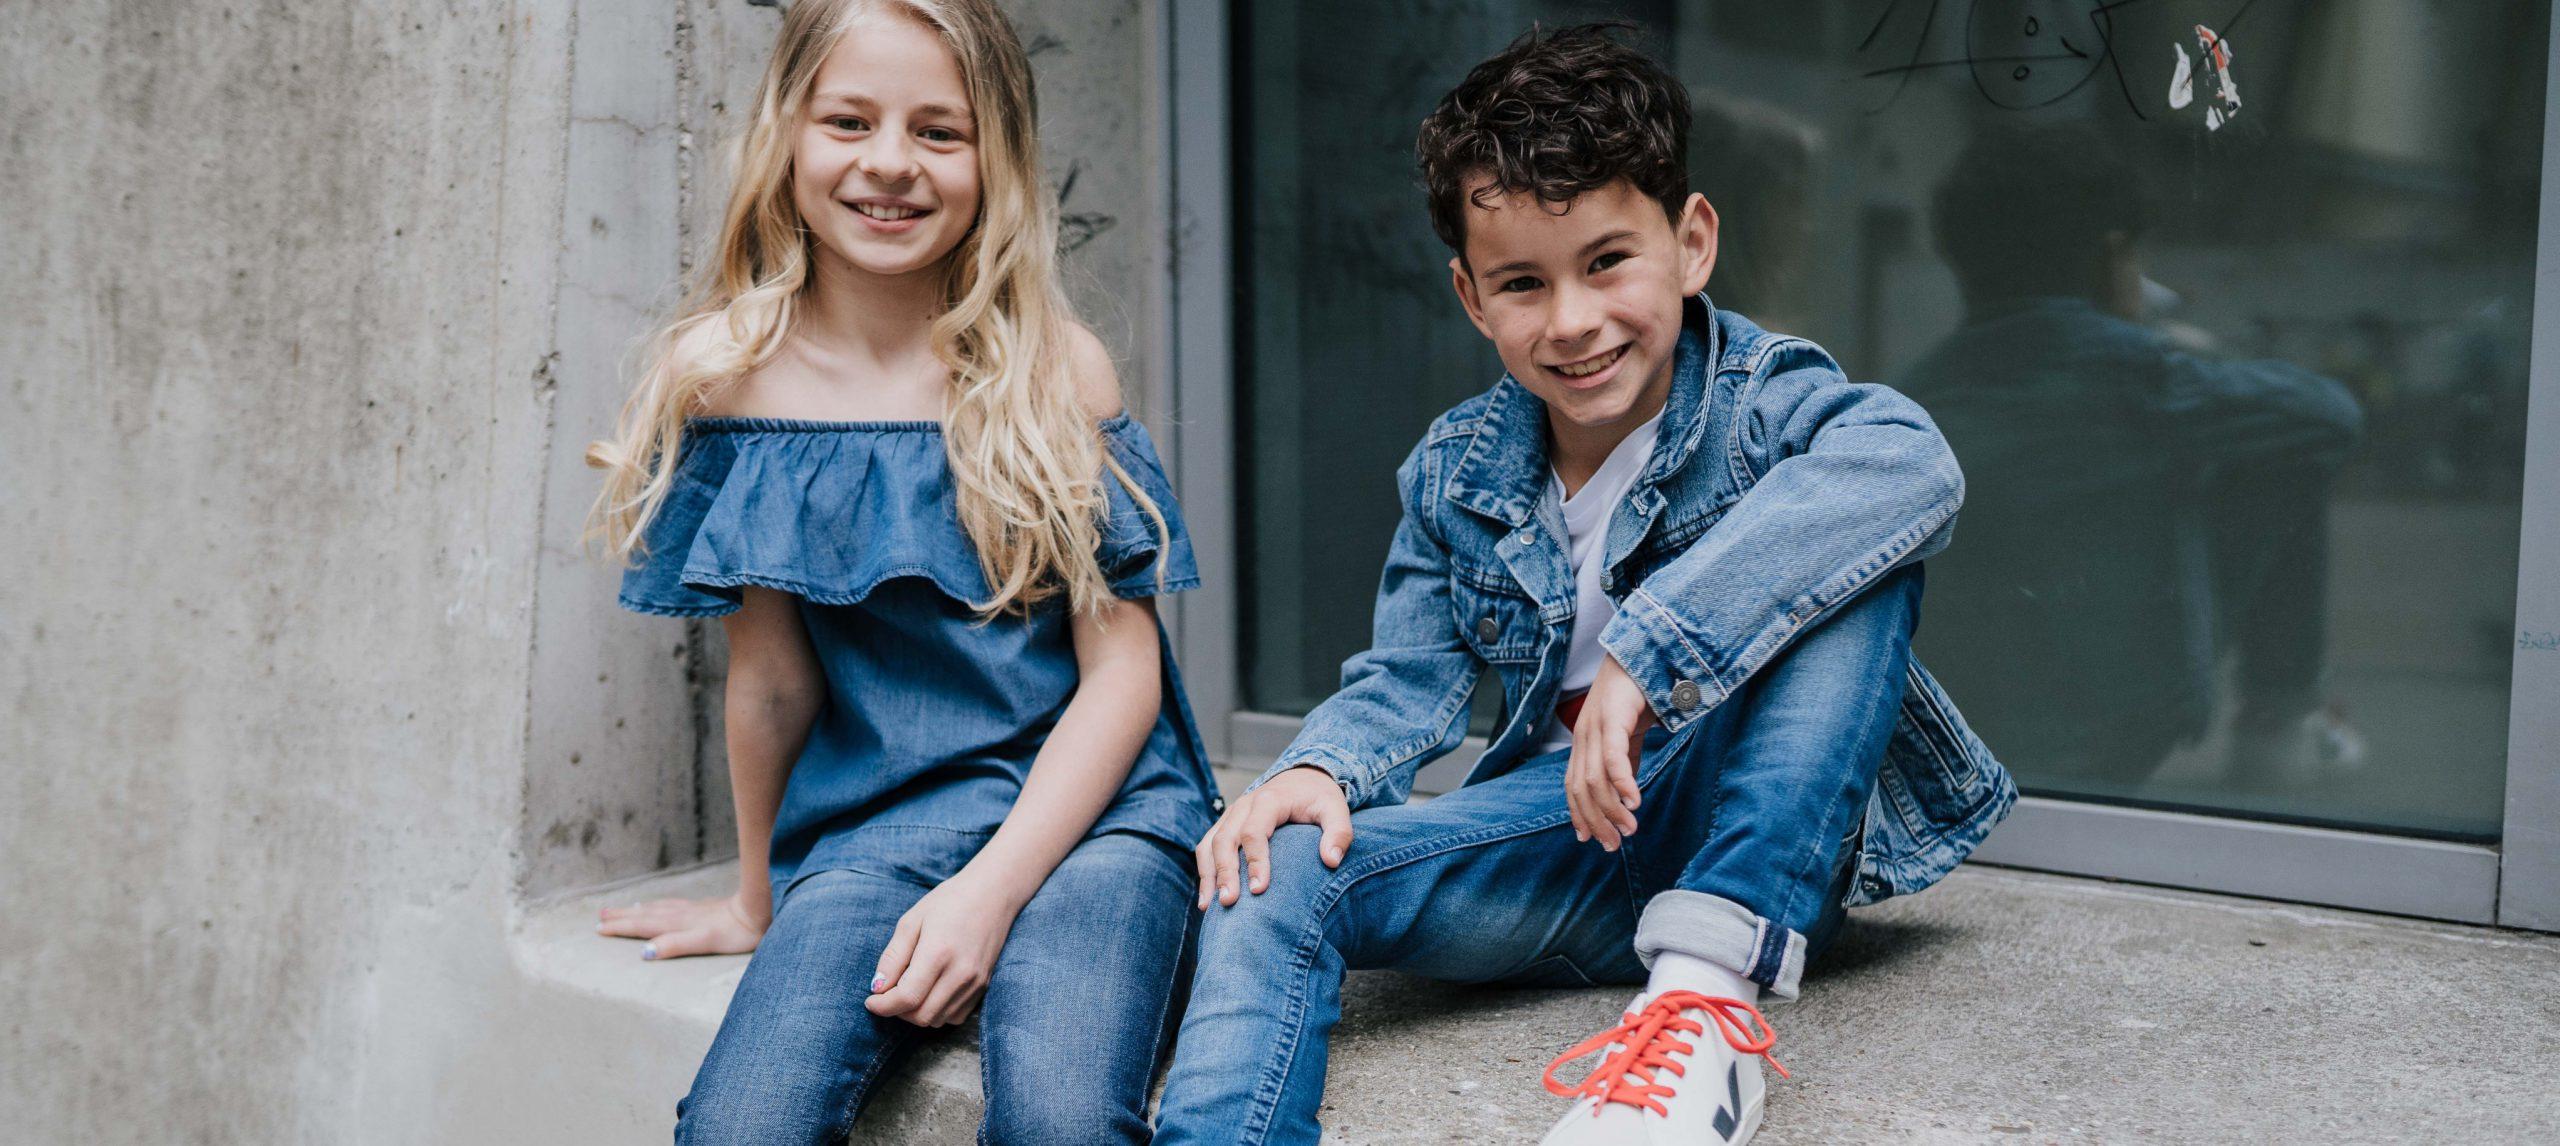 Denim for kids: Frühlingstrends